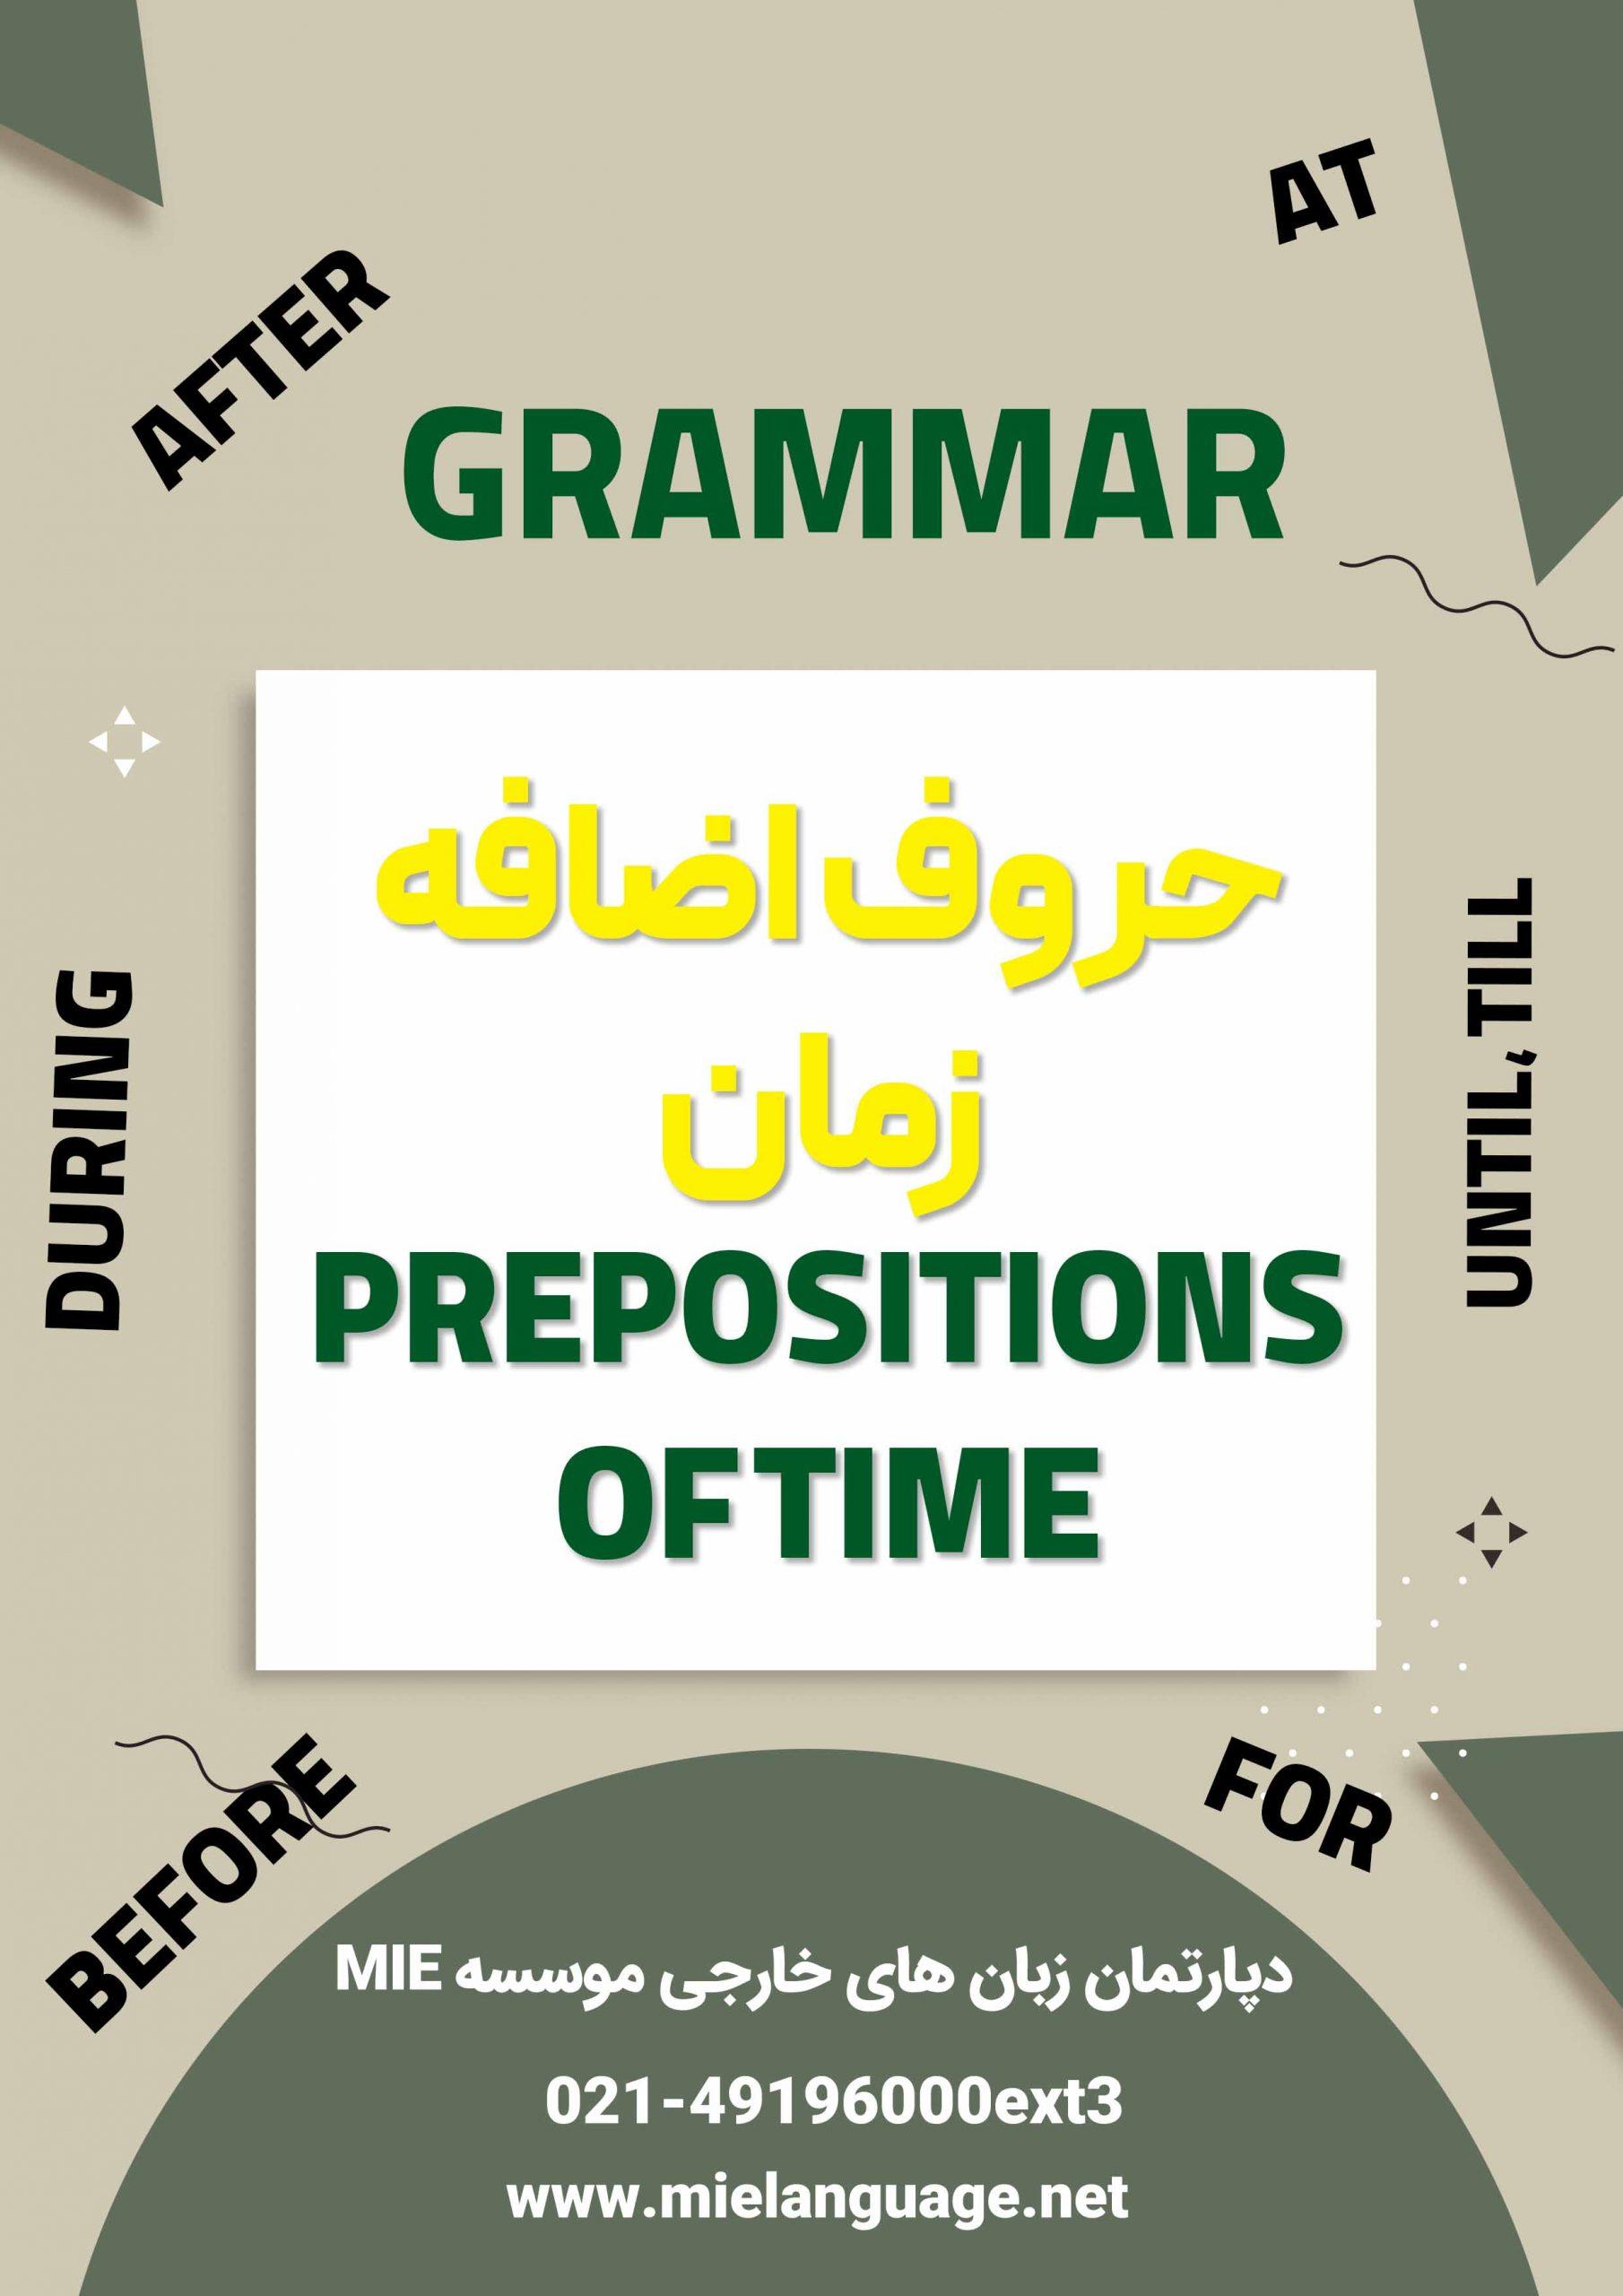 کاربرد حروف اضافه زمان در زبان انگلیسی